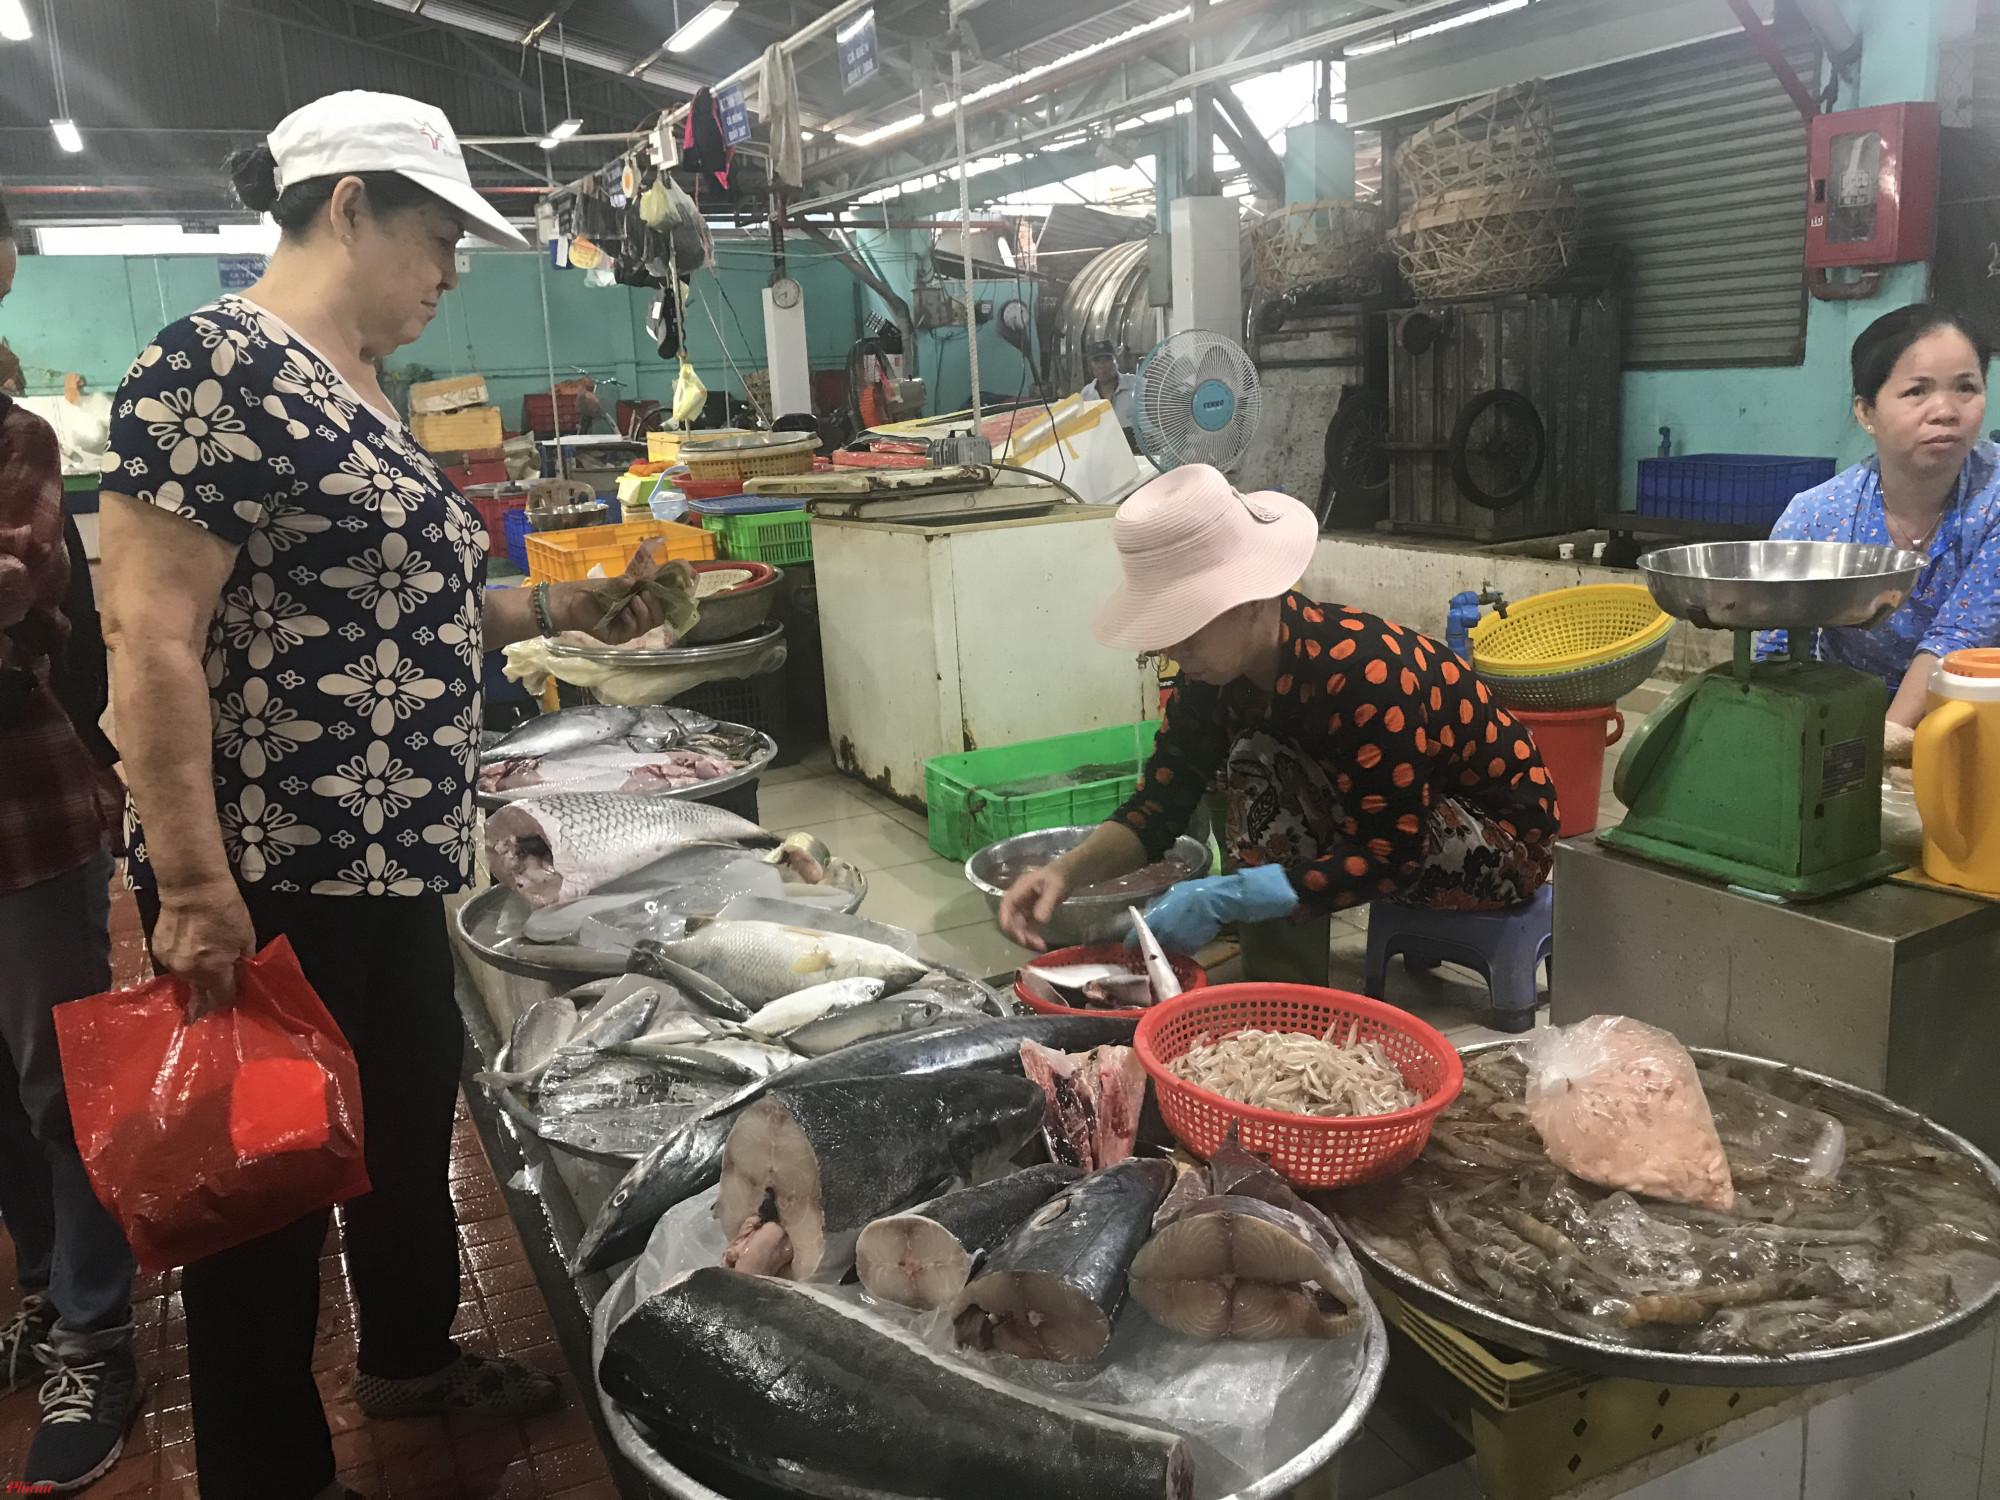 Sáng cùng ngày, Ban ATTP kiểm tra hoạt động chợ Thủ Đức chủ yếu các quầy thịt, cá, rau củ và gia vị phục vụ cho nhu cầu hàng ngày của người dân.